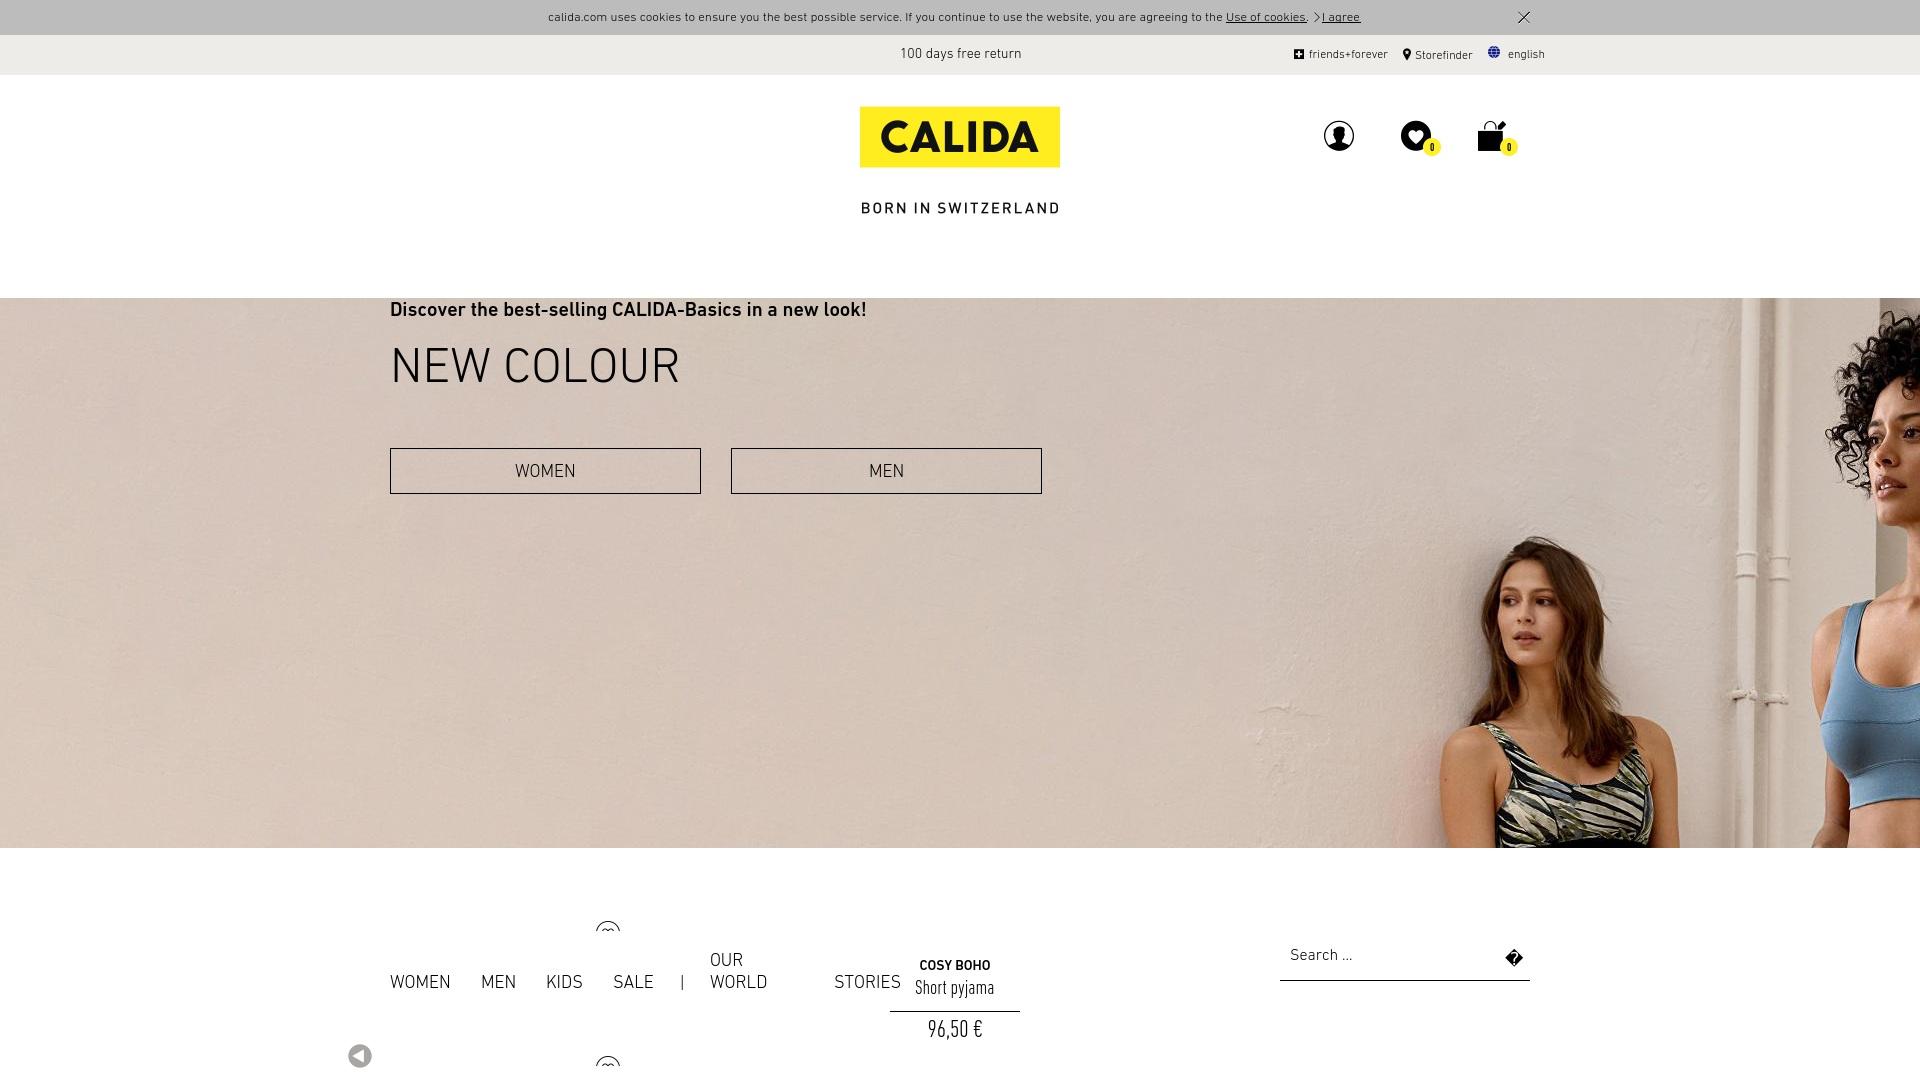 Gutschein für Calida: Rabatte für  Calida sichern